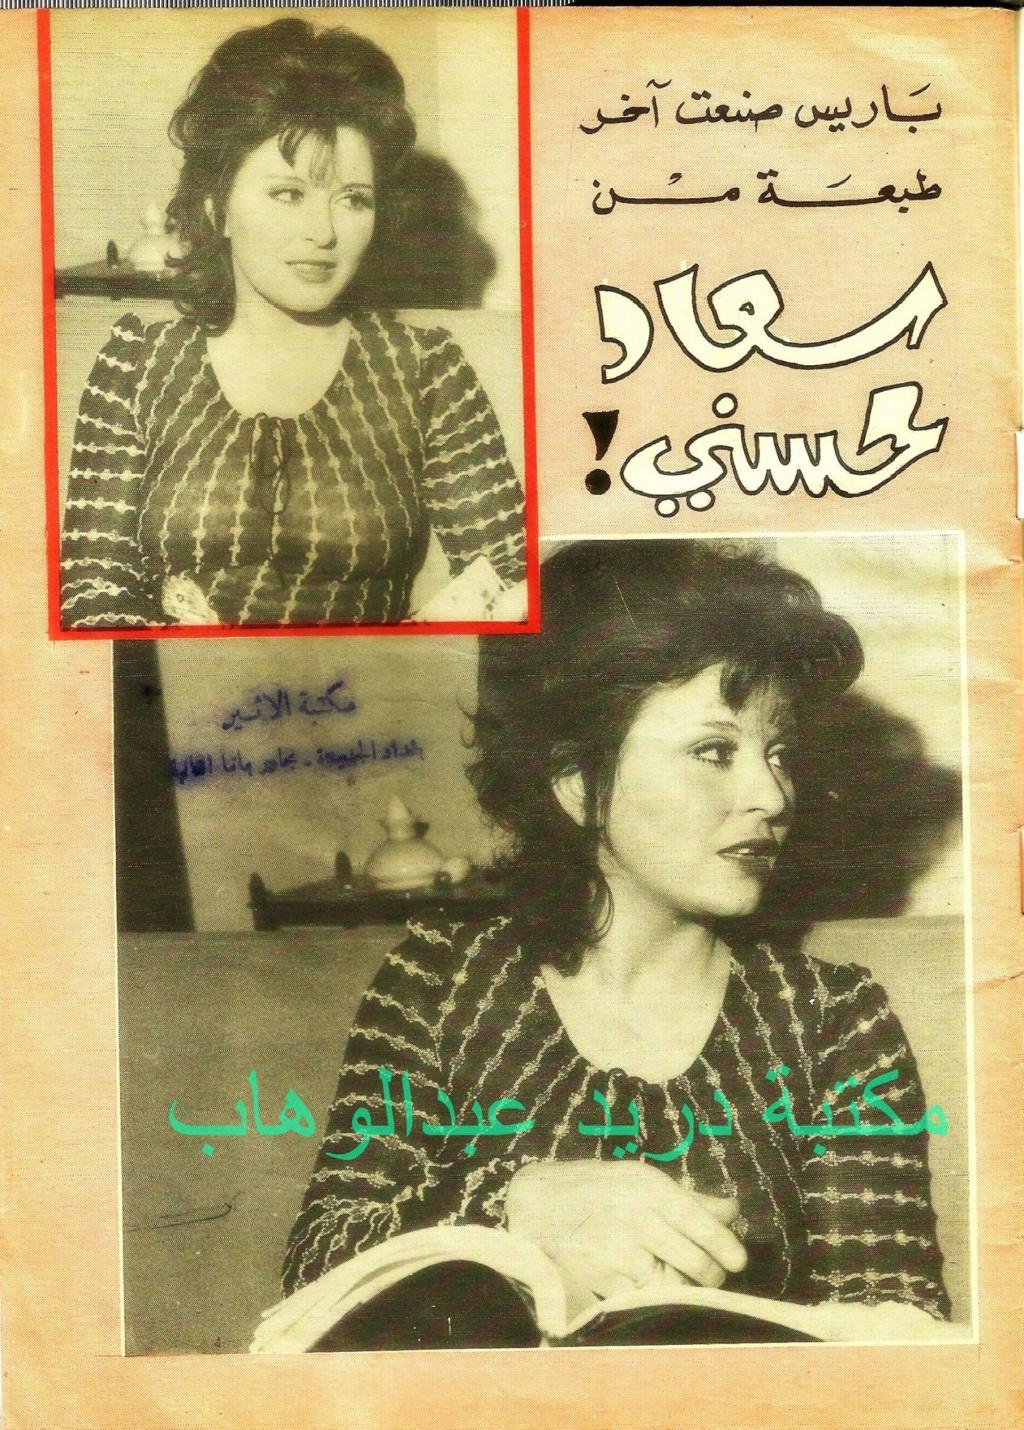 مقال - مقال صحفي : باريس صنعت آخر طبعة من سعاد حسني ! 1971 م 1192